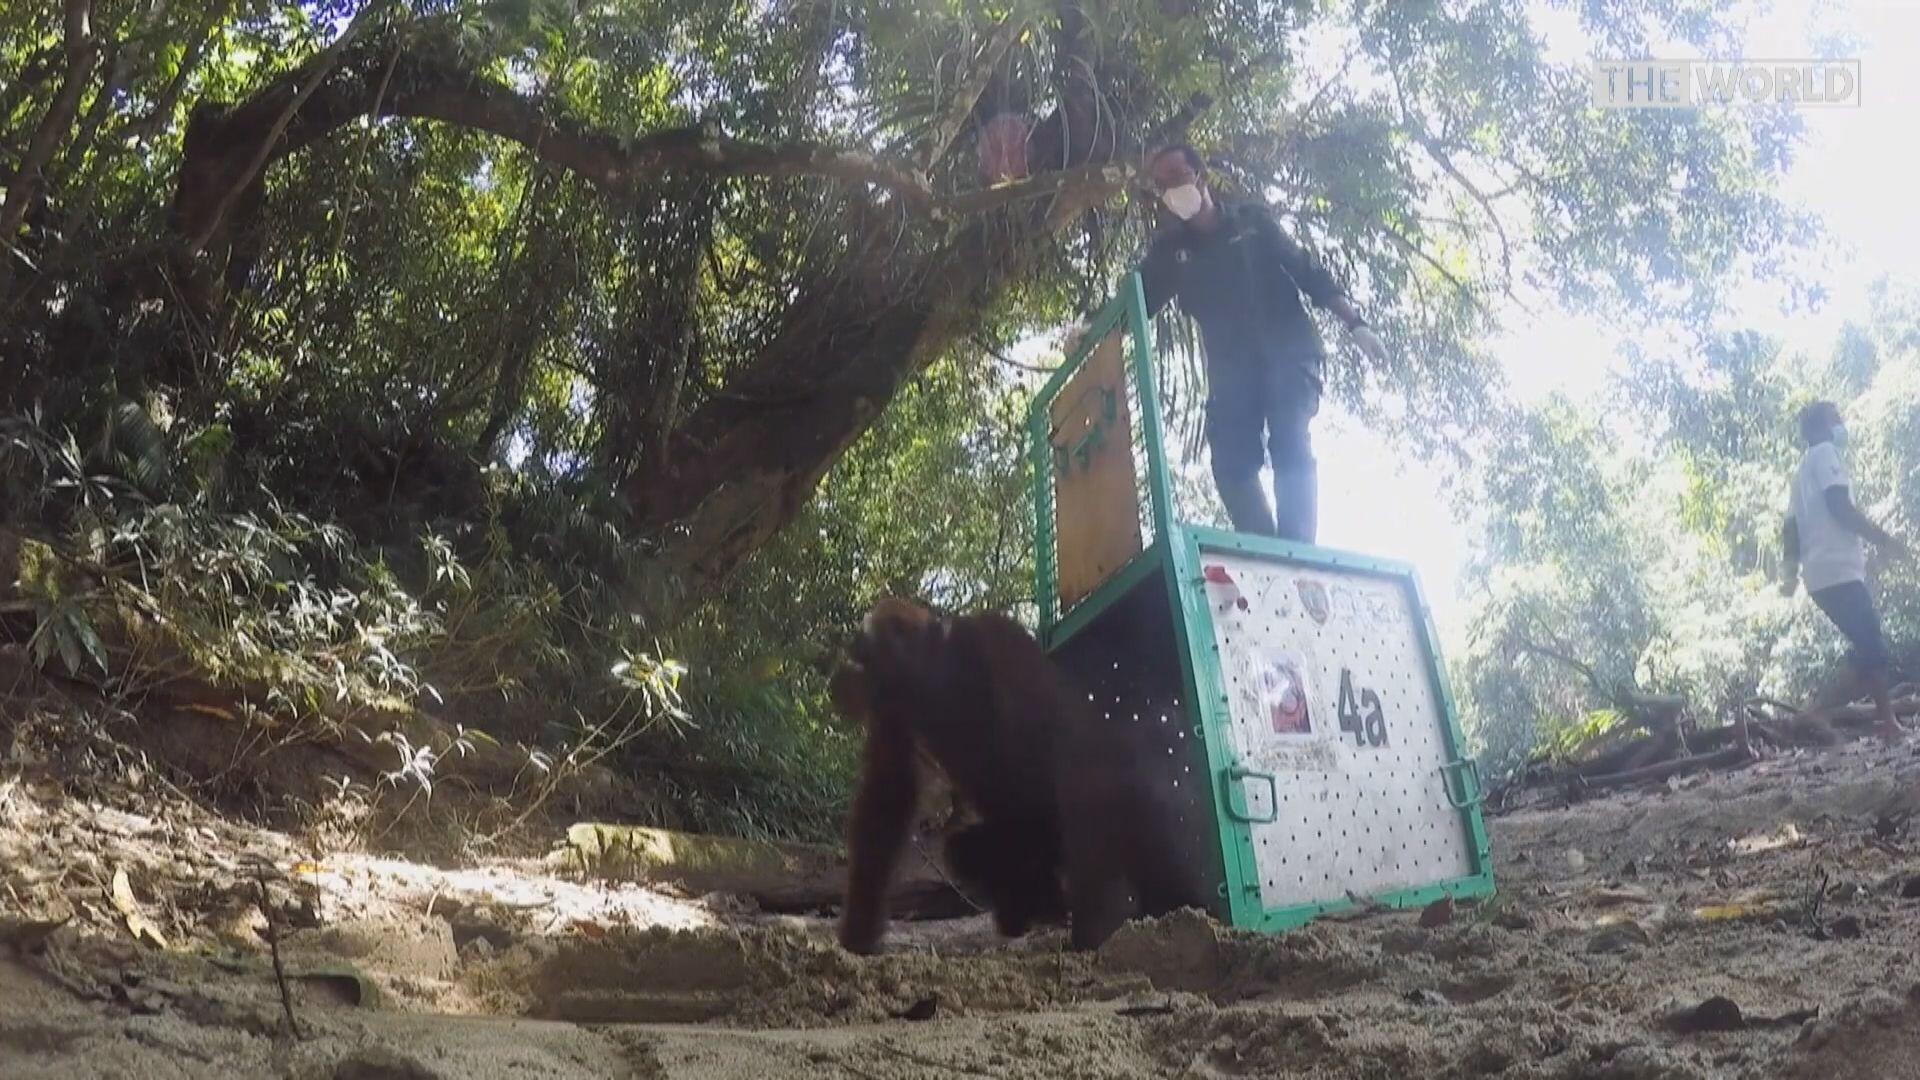 【環球薈報】婆羅洲猩猩放歸野外因疫情停頓近一年